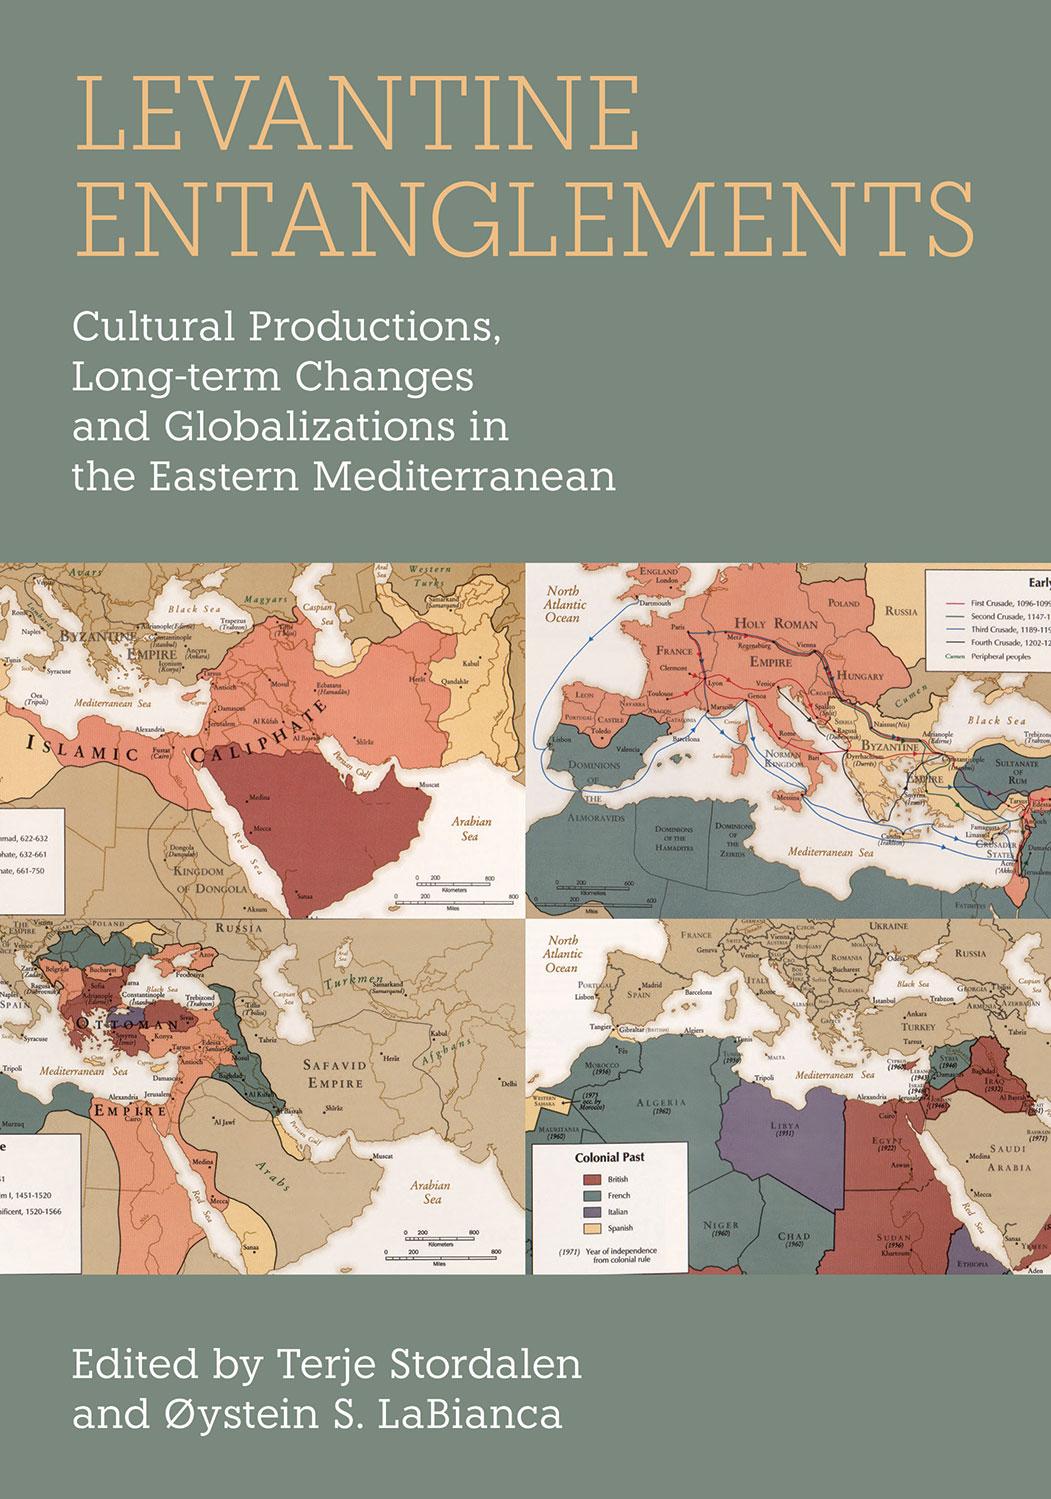 Levantine Entanglements